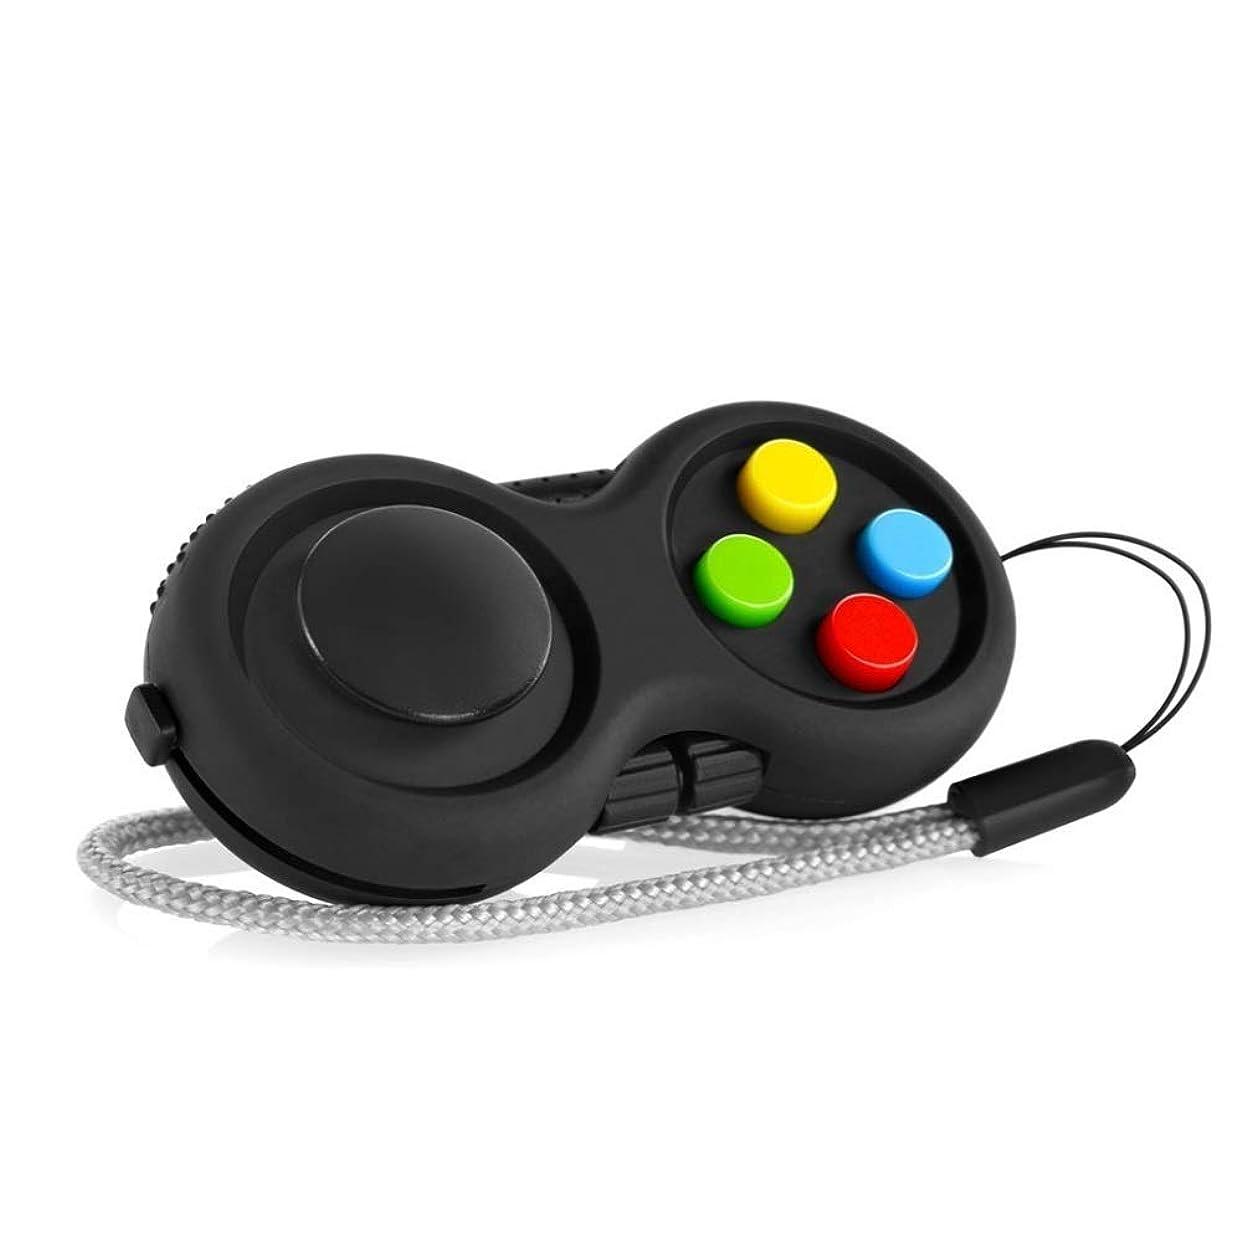 クランプ栄光スカートリリースストレスと不安、ストレス緩和、ADHD、ADD、自閉症に最適な8種類の機能を備えたFidgetキューブFidget Toy Controller